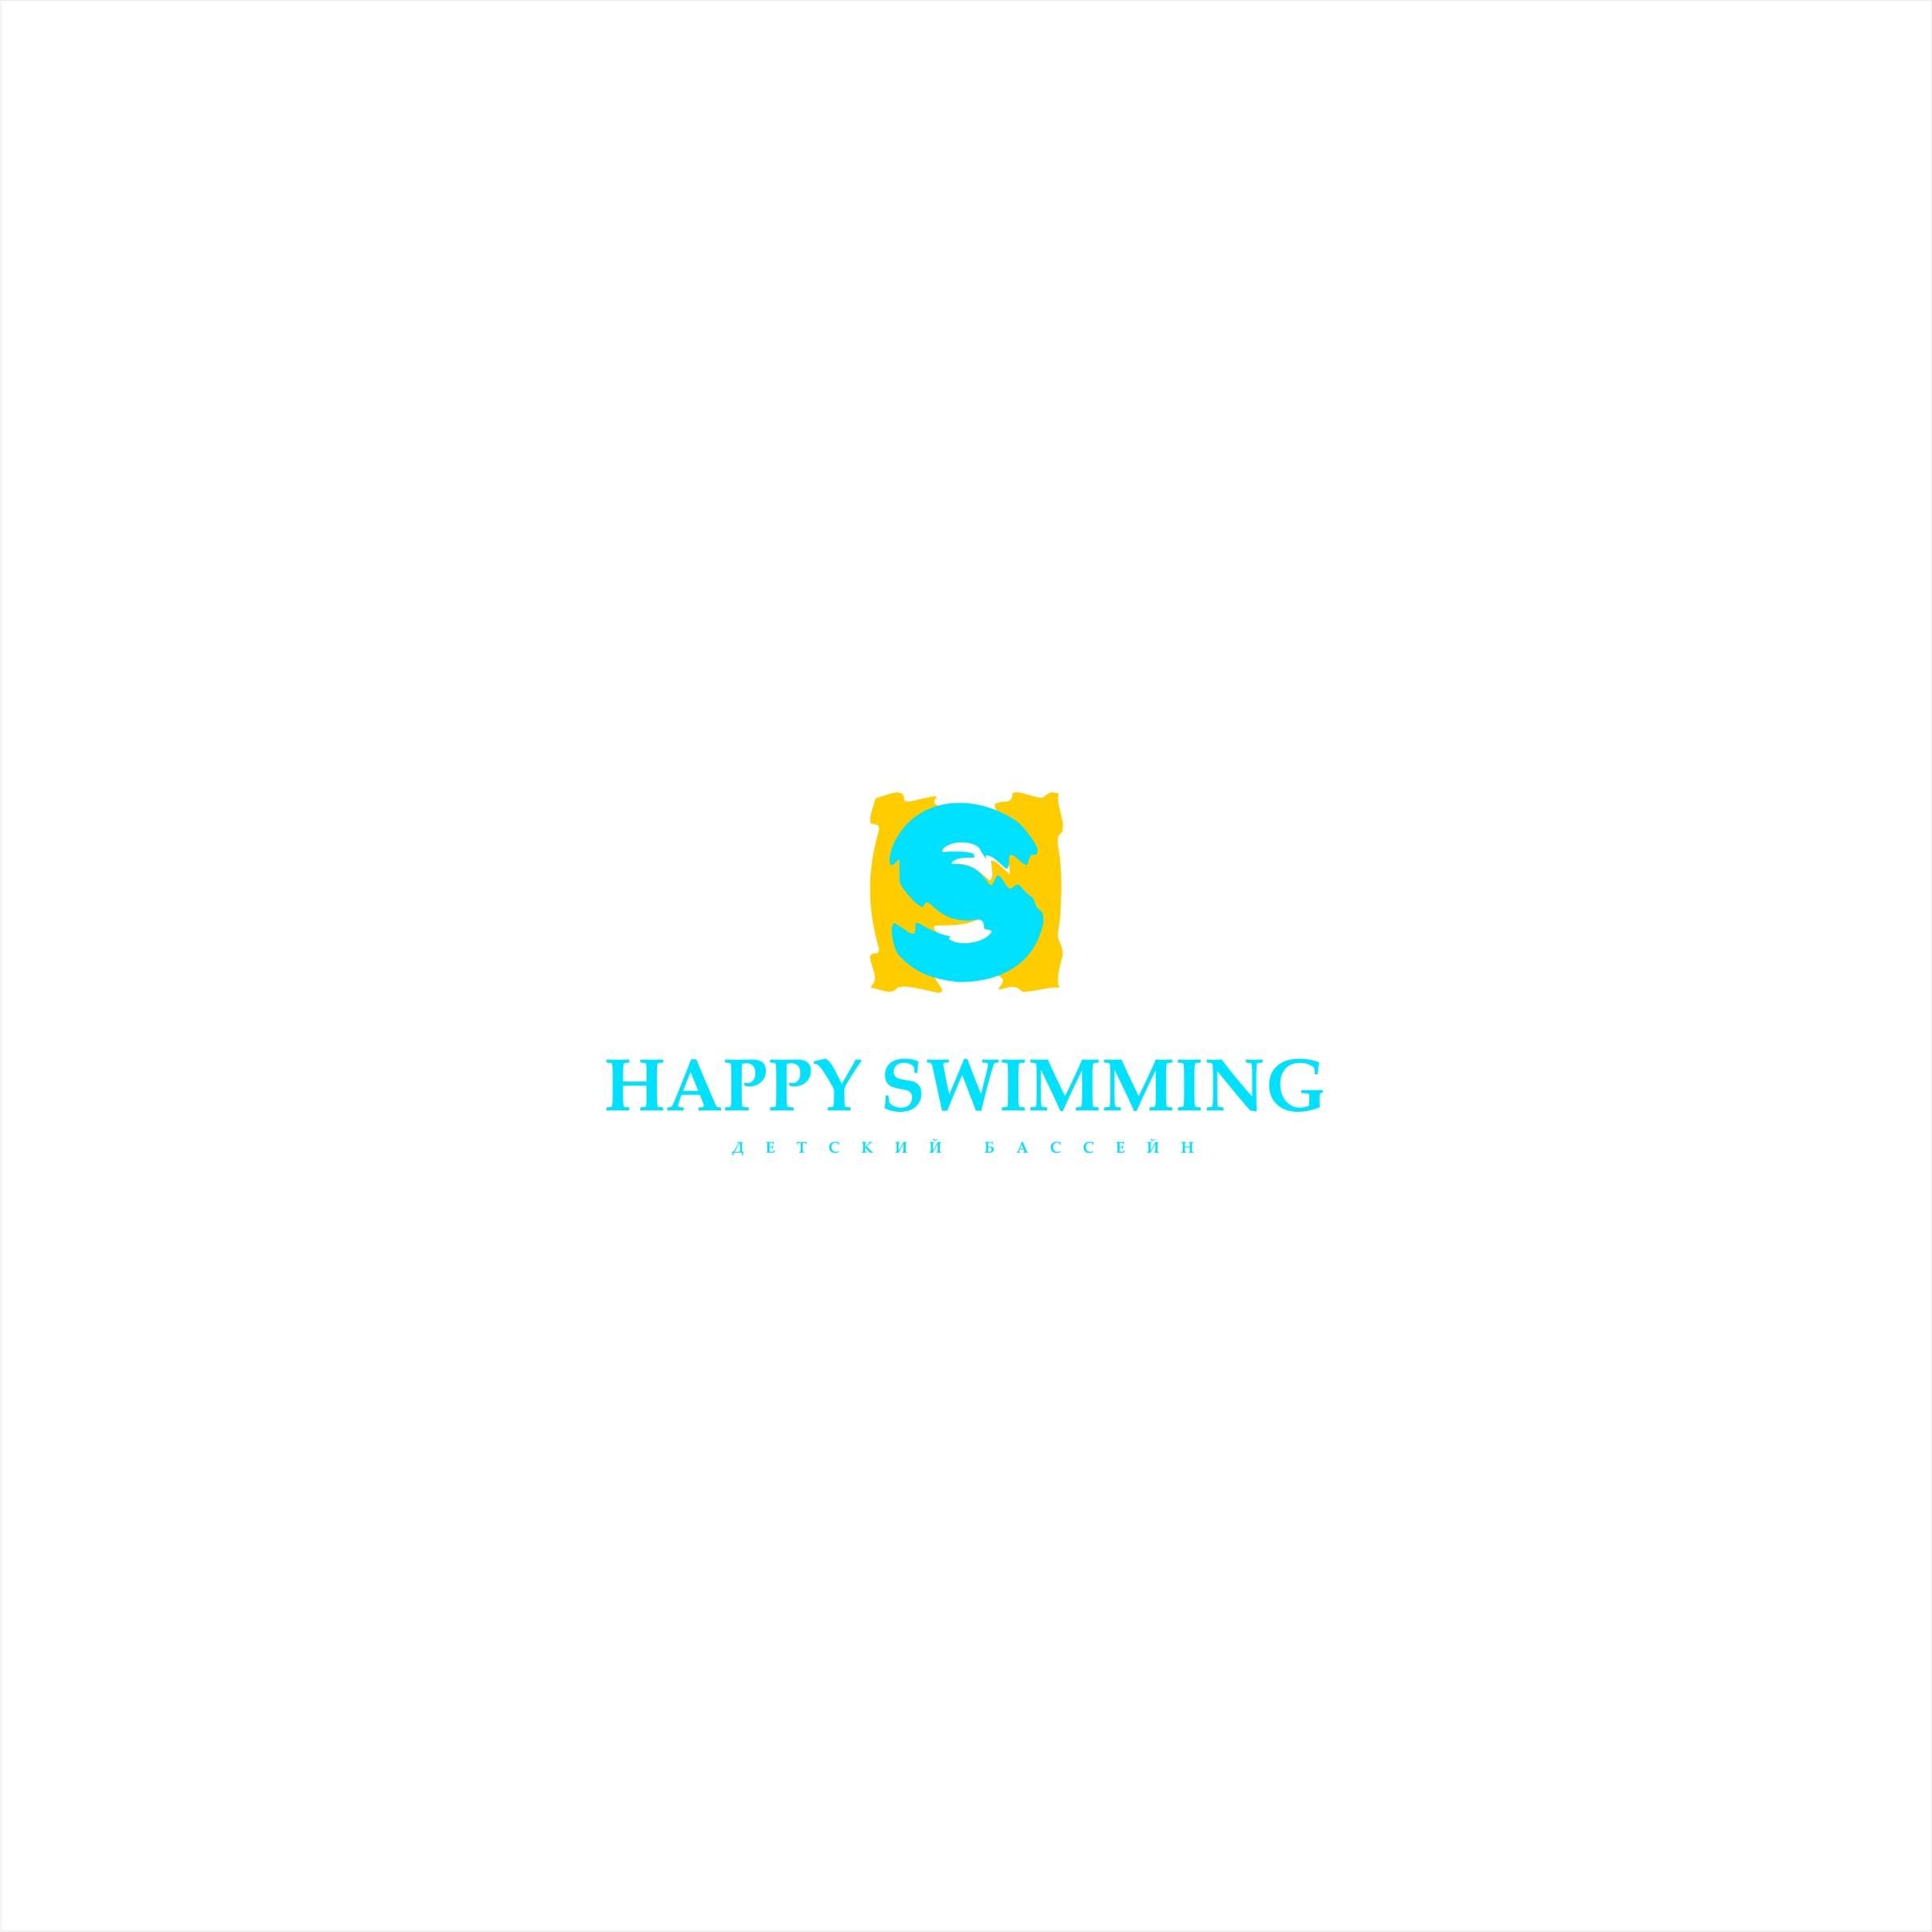 Логотип для  детского бассейна. фото f_4875c73befb6d29d.jpg